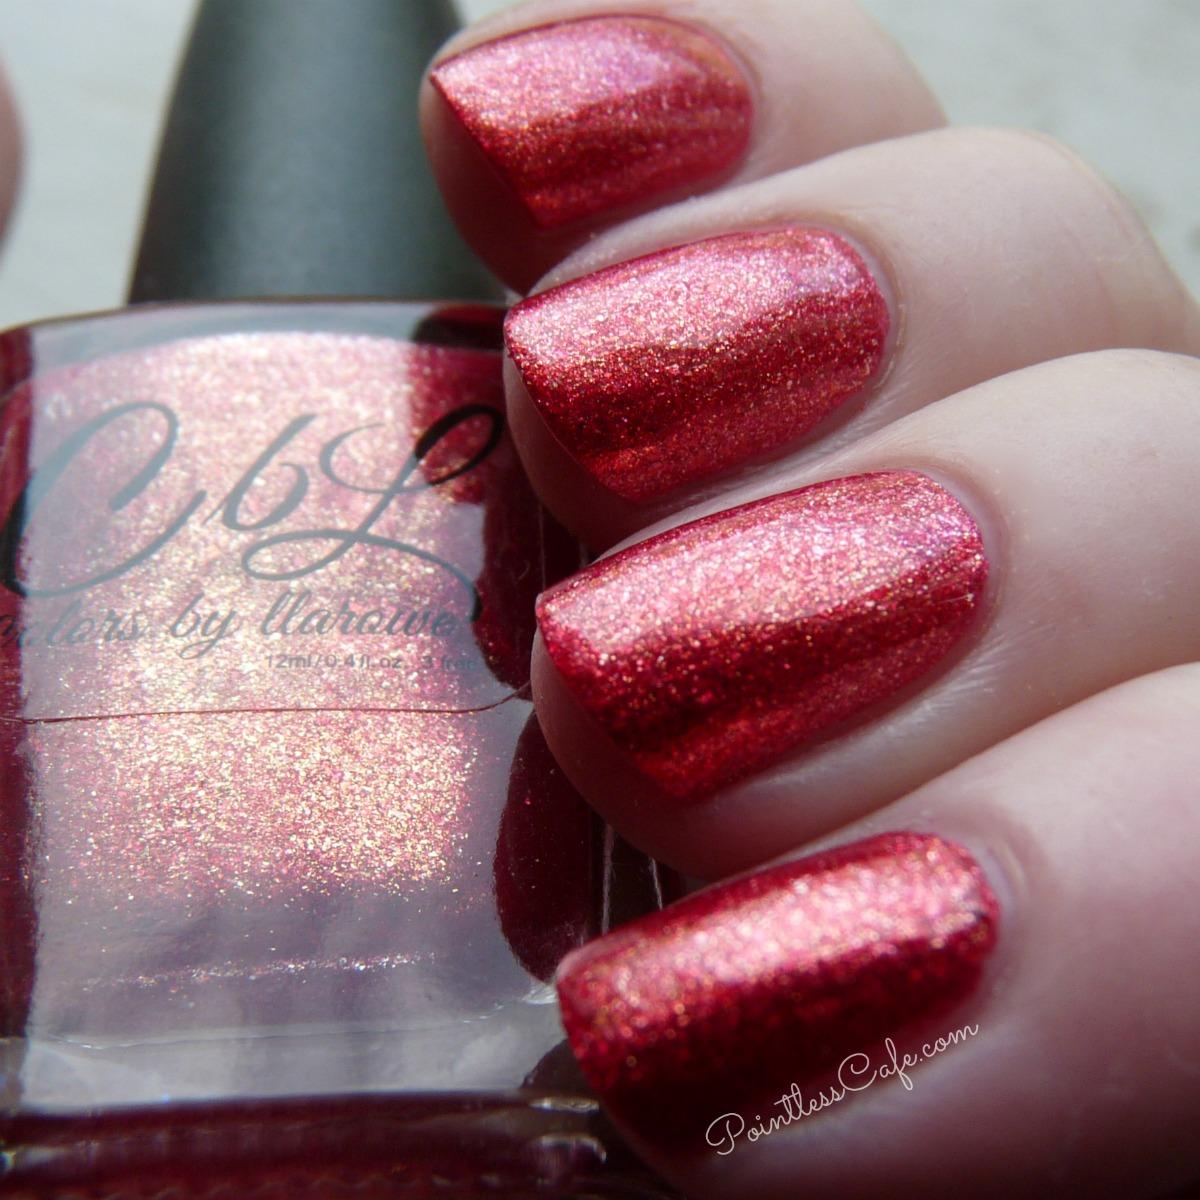 Blase Beute MILF Valentines Shopping